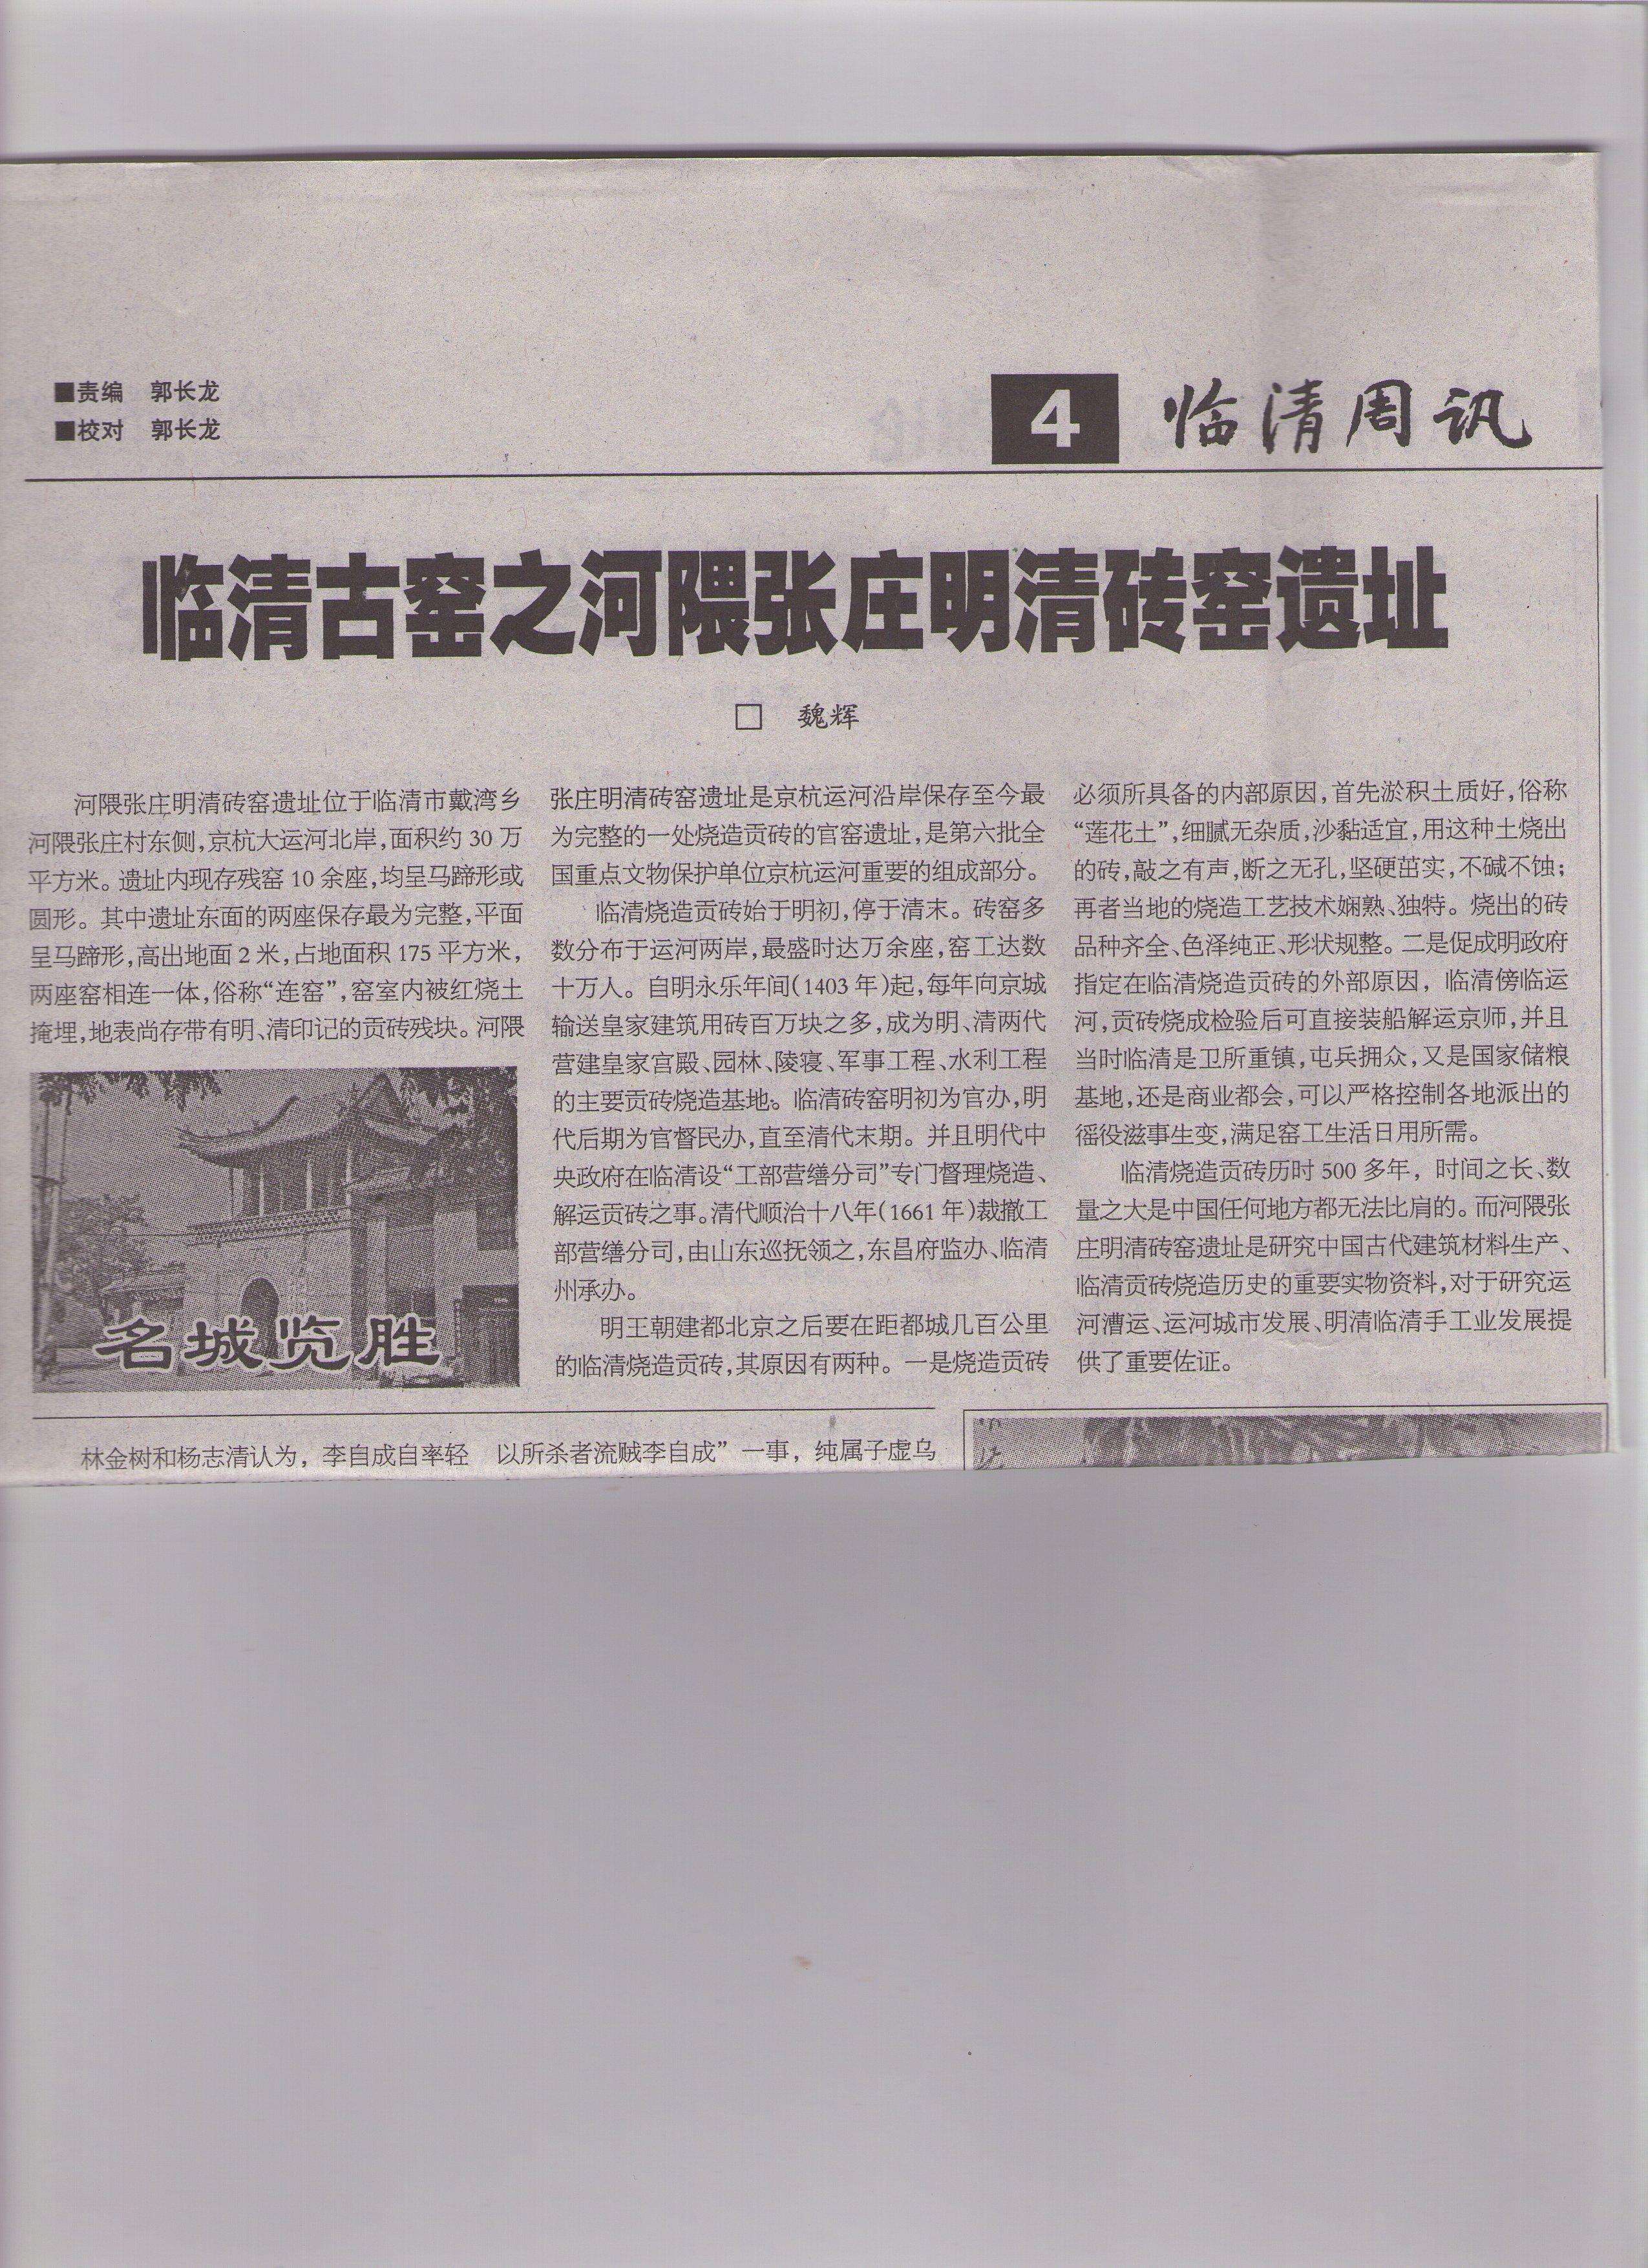 临清古窑之河隈张庄明清砖窑遗址.jpg